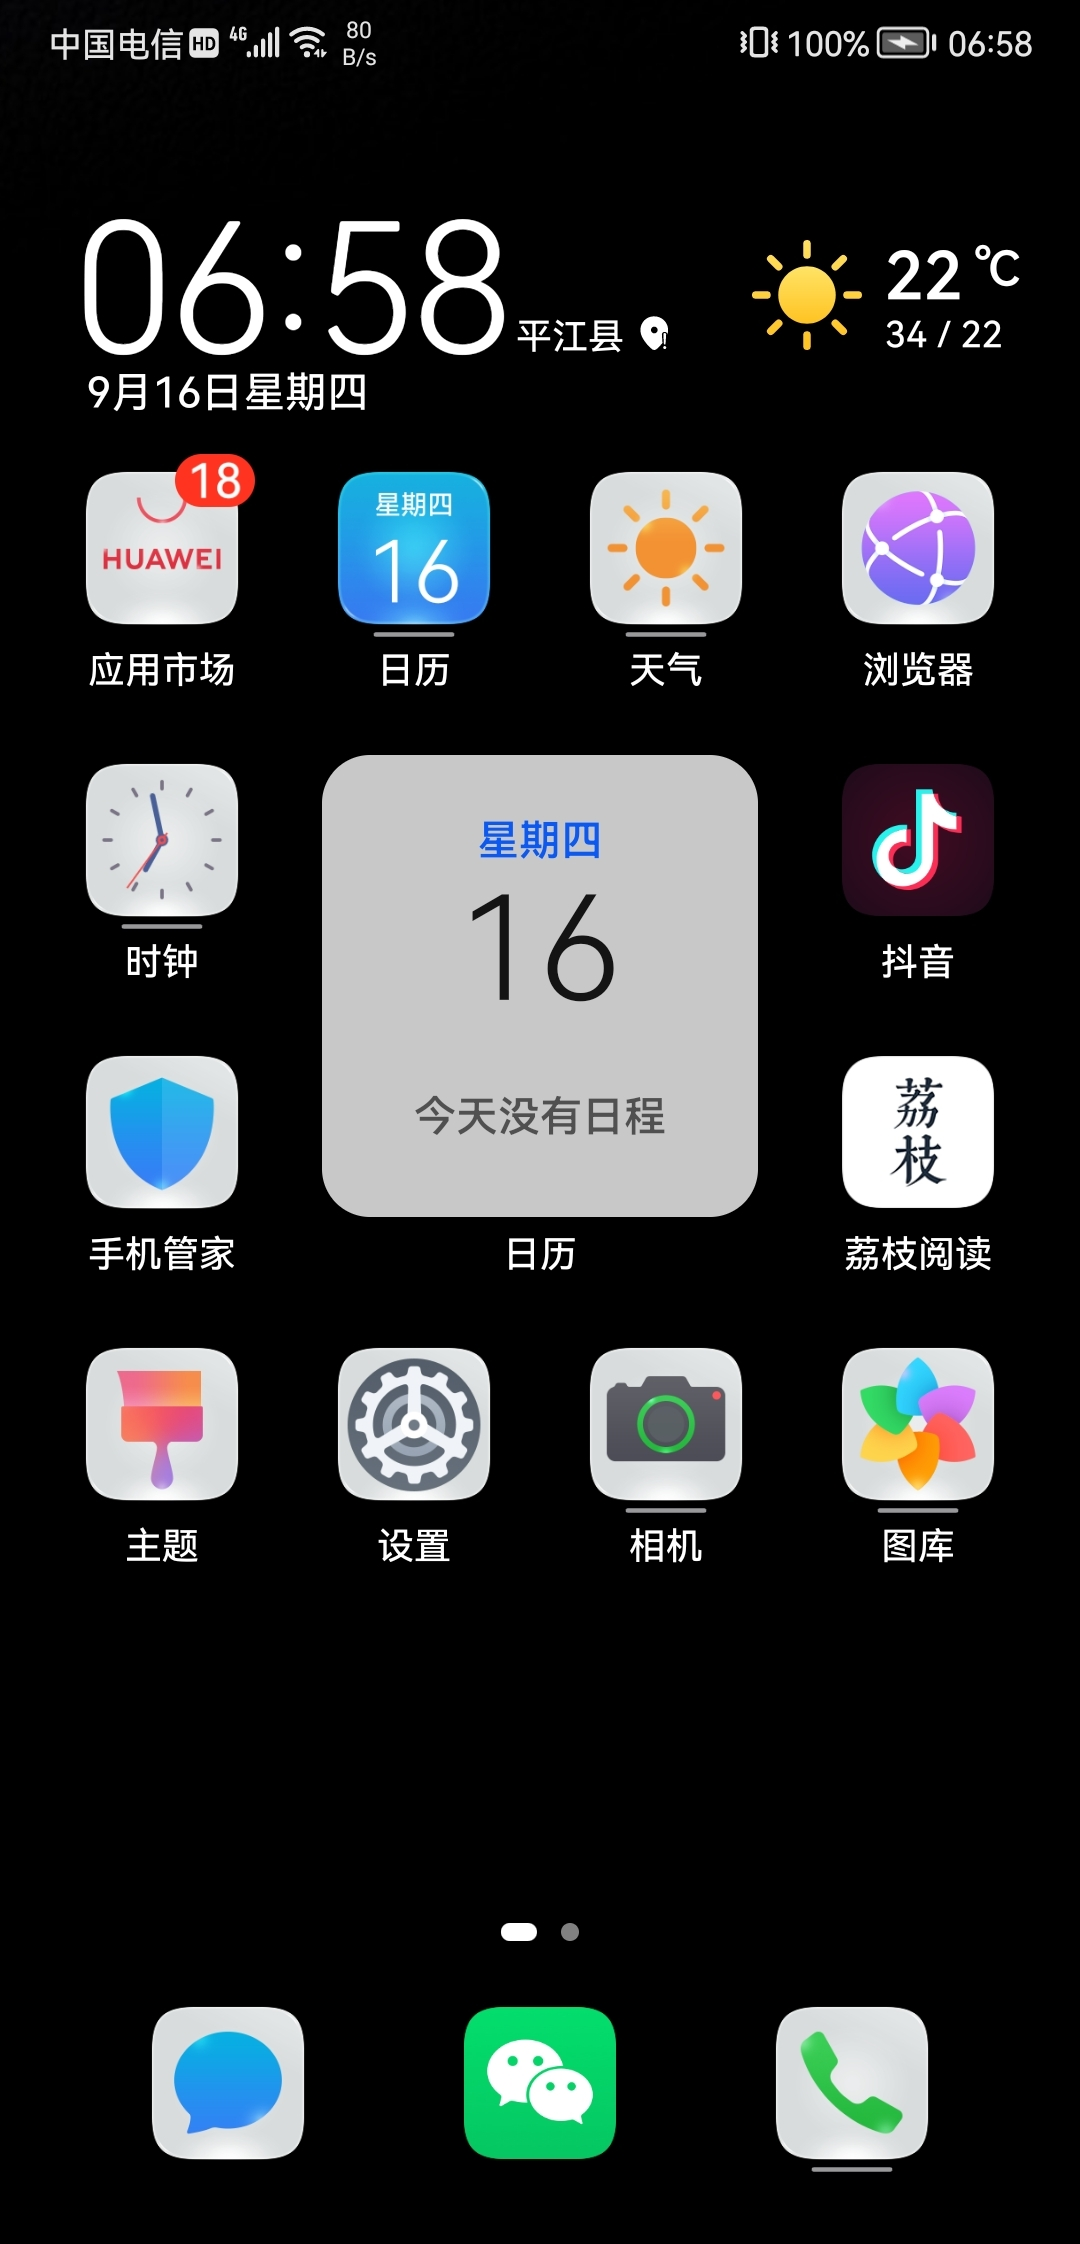 Screenshot_20210916_065838_com.huawei.android.launcher.jpg